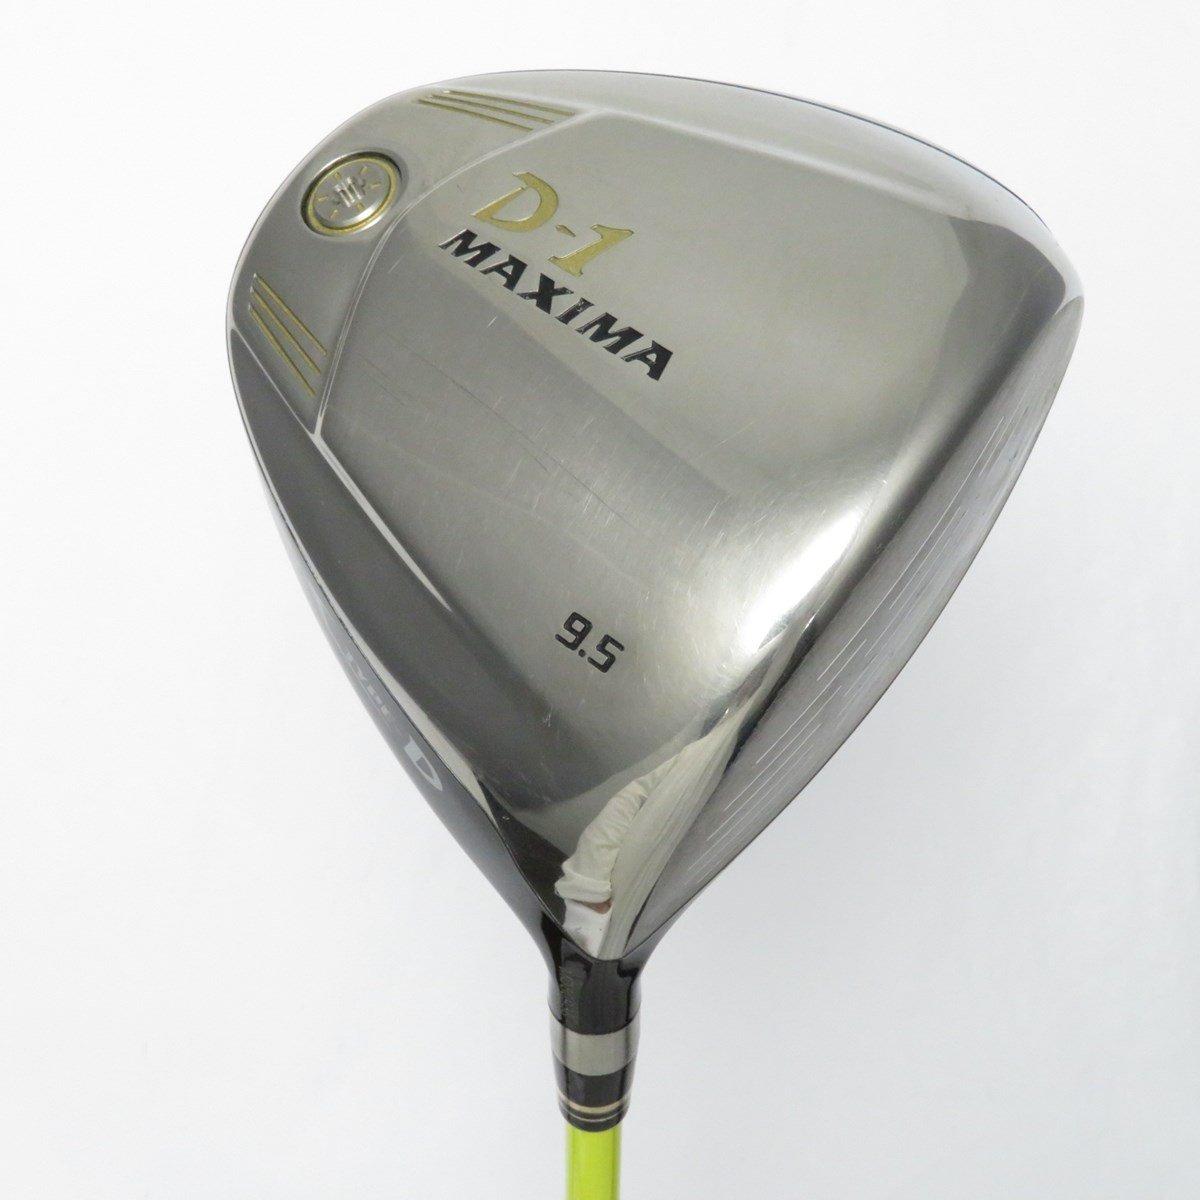 【中古】リョーマ ゴルフ RYOMA GOLF Ryoma D-1 MAXIMA TYPE-D(メーカー公認中古) ドライバー Tour AD MT-7 B07D7TDCDL